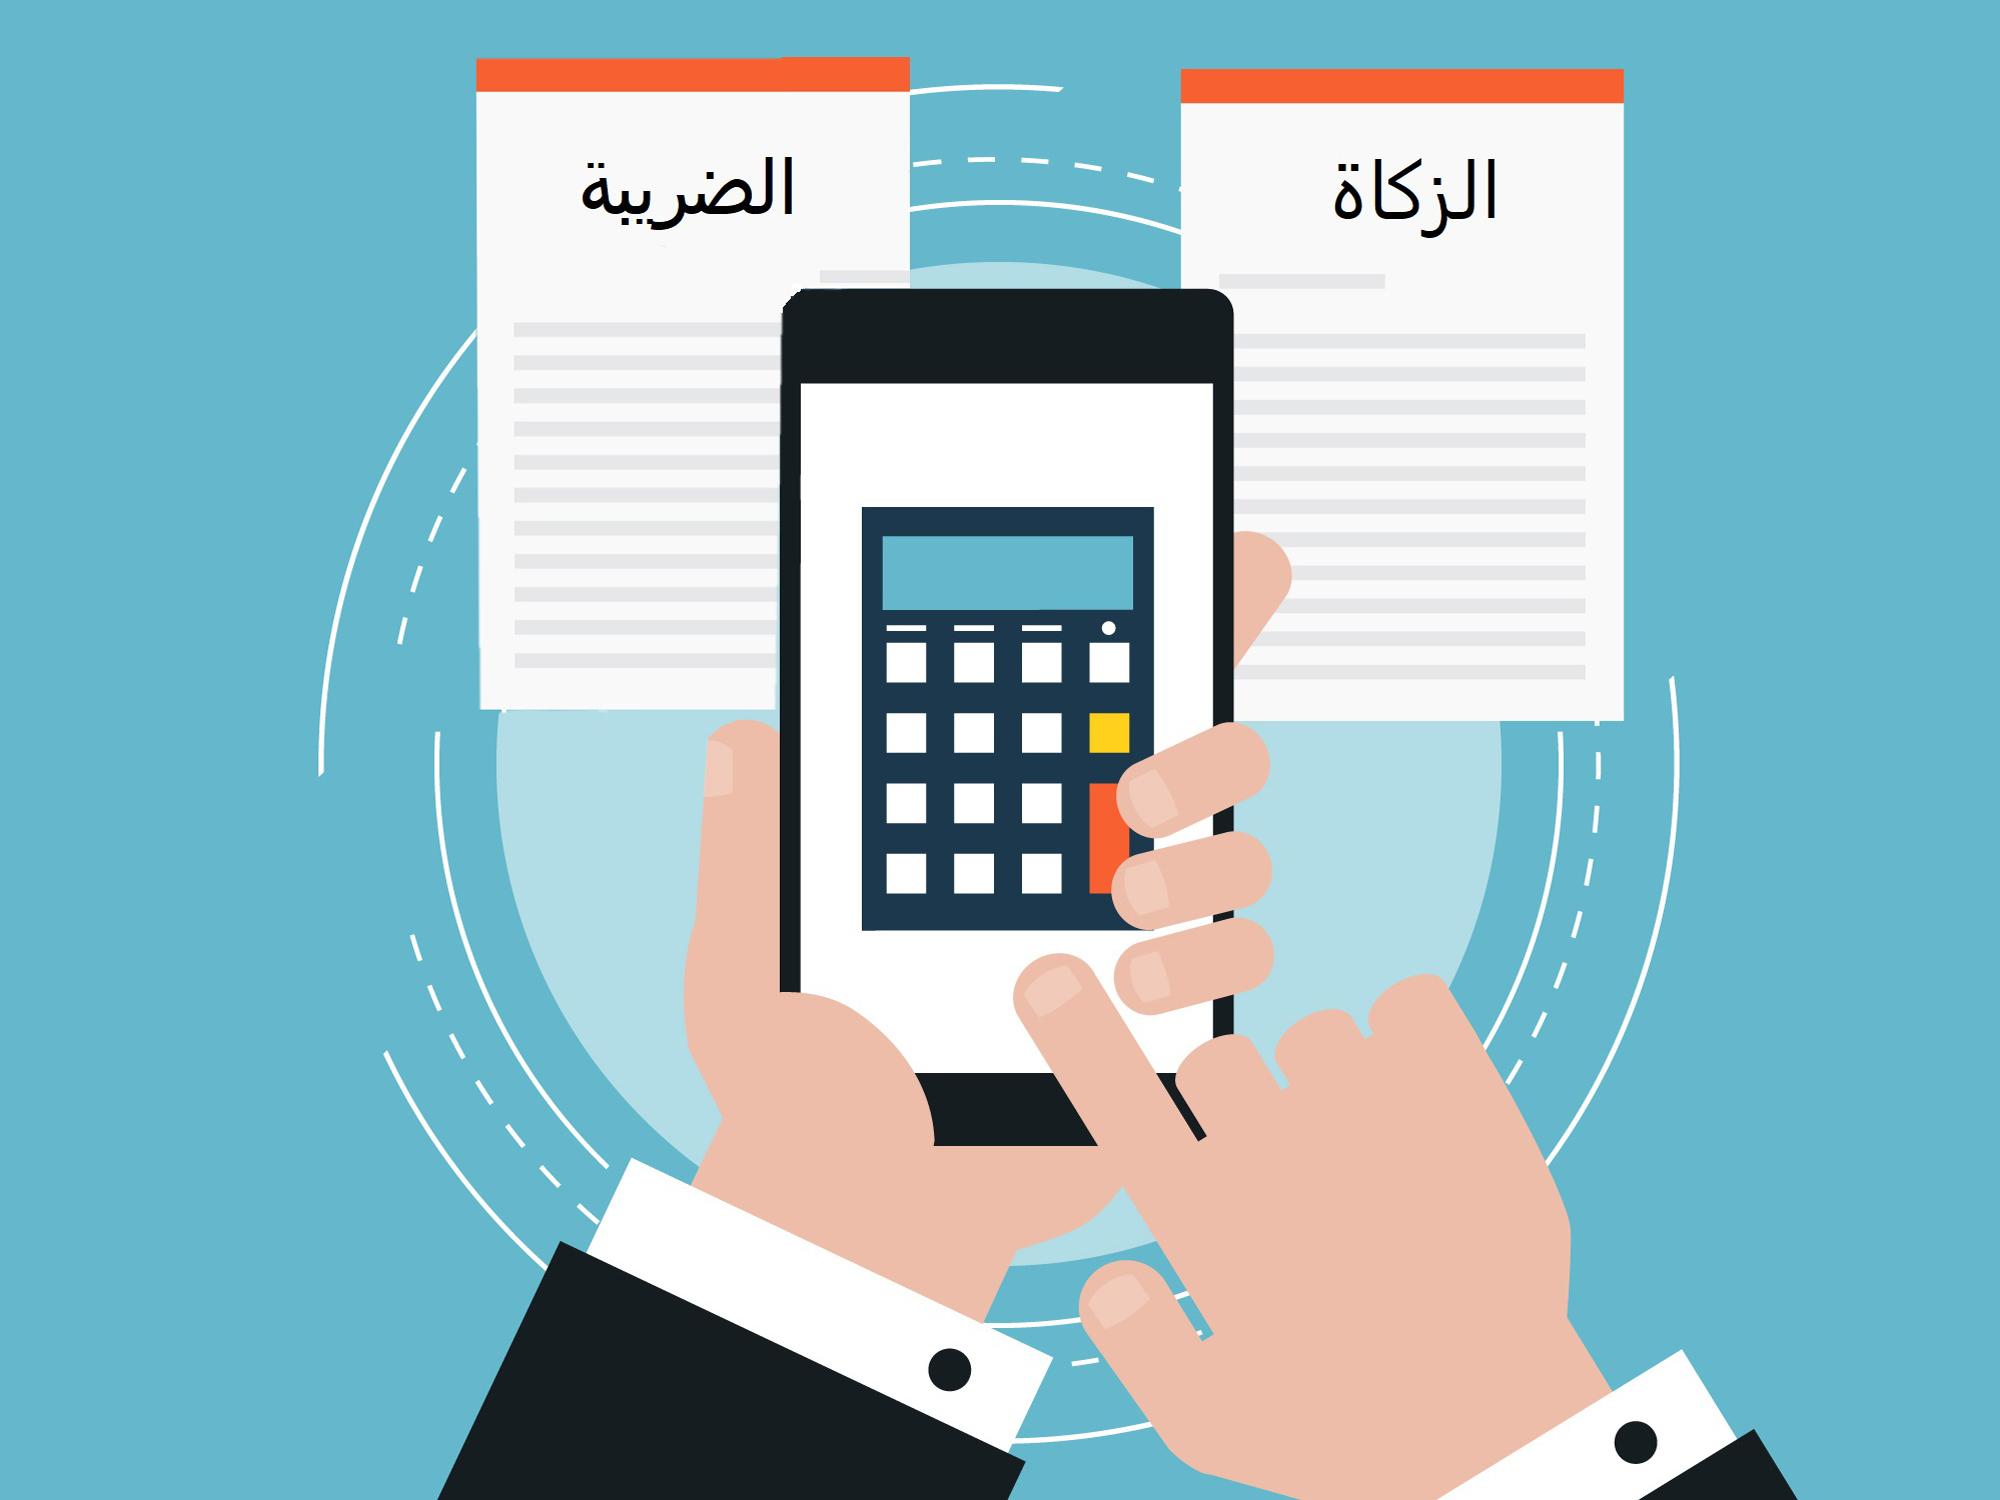 الزكاة والضريبة & kaudit شركة ناصر محمد الكنهل وشريكه محاسبون و مراجعون قانونيون